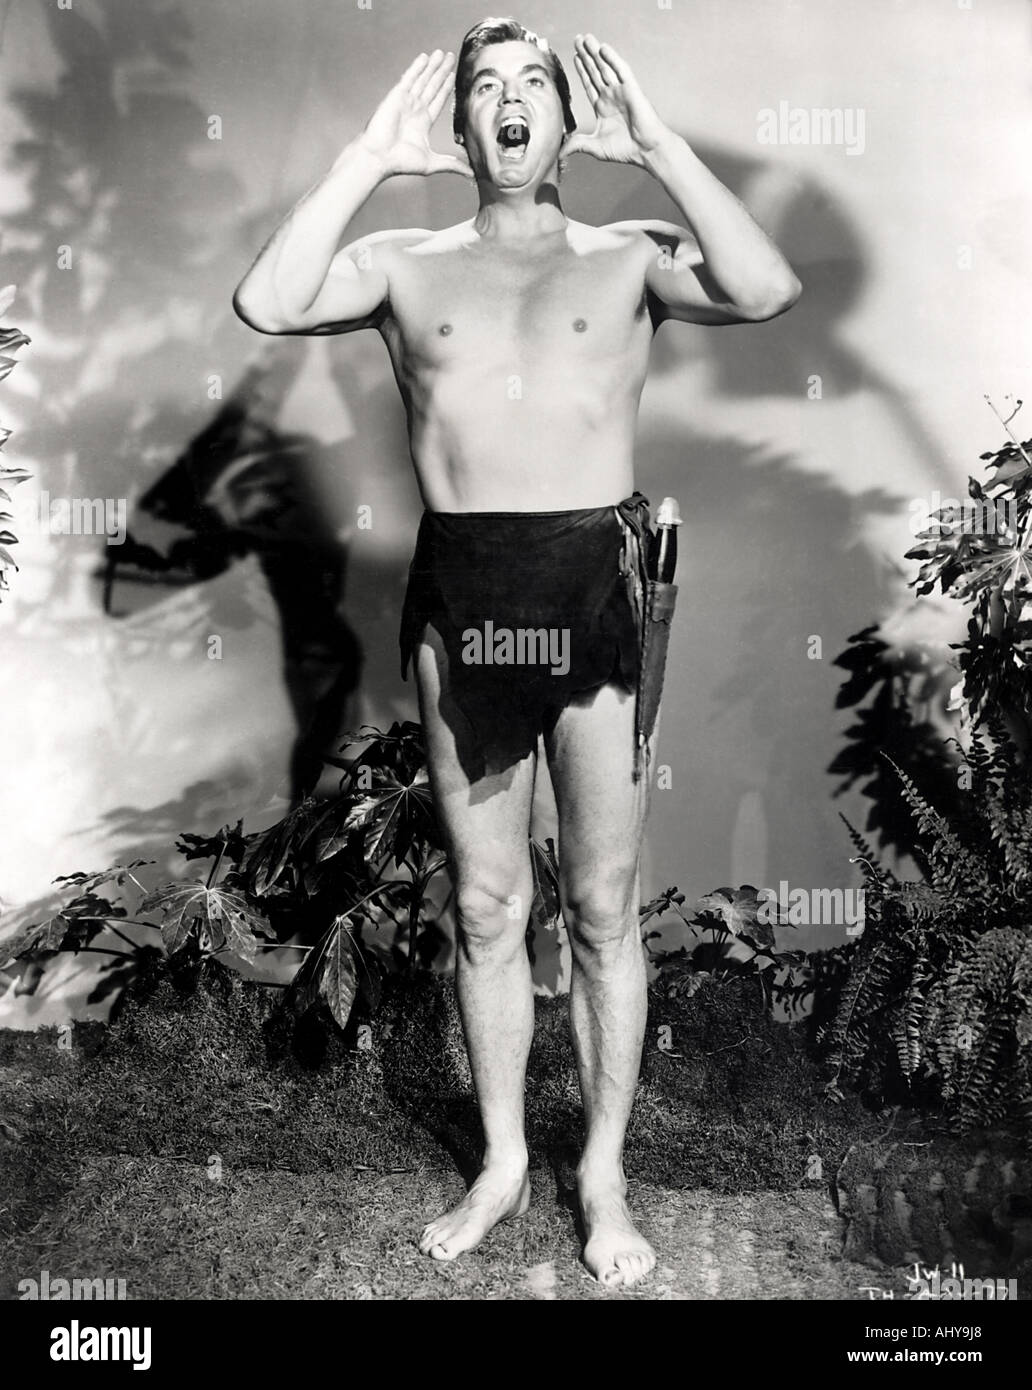 El payaso Pagliacci y la importancia de ser lo que pareces Las-ape-man-tarzan-johnny-weissmuller-en-la-pelicula-de-1932-ahy9j8